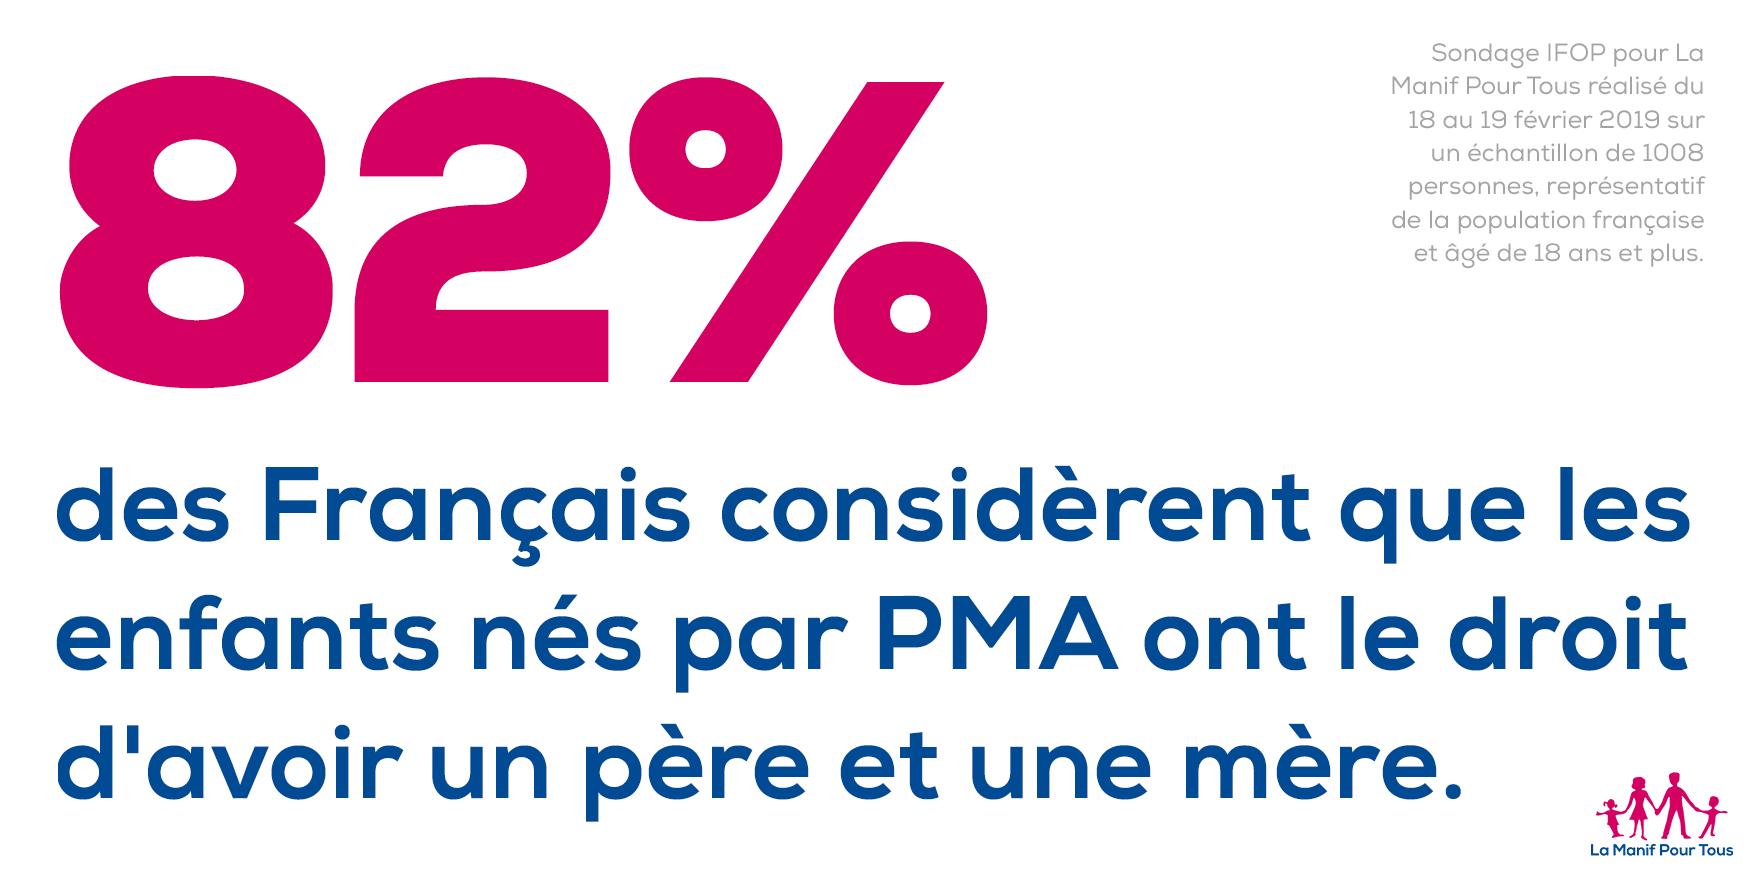 Image - Les Français redisent leur attachement à la famille Père-Mère-Enfant